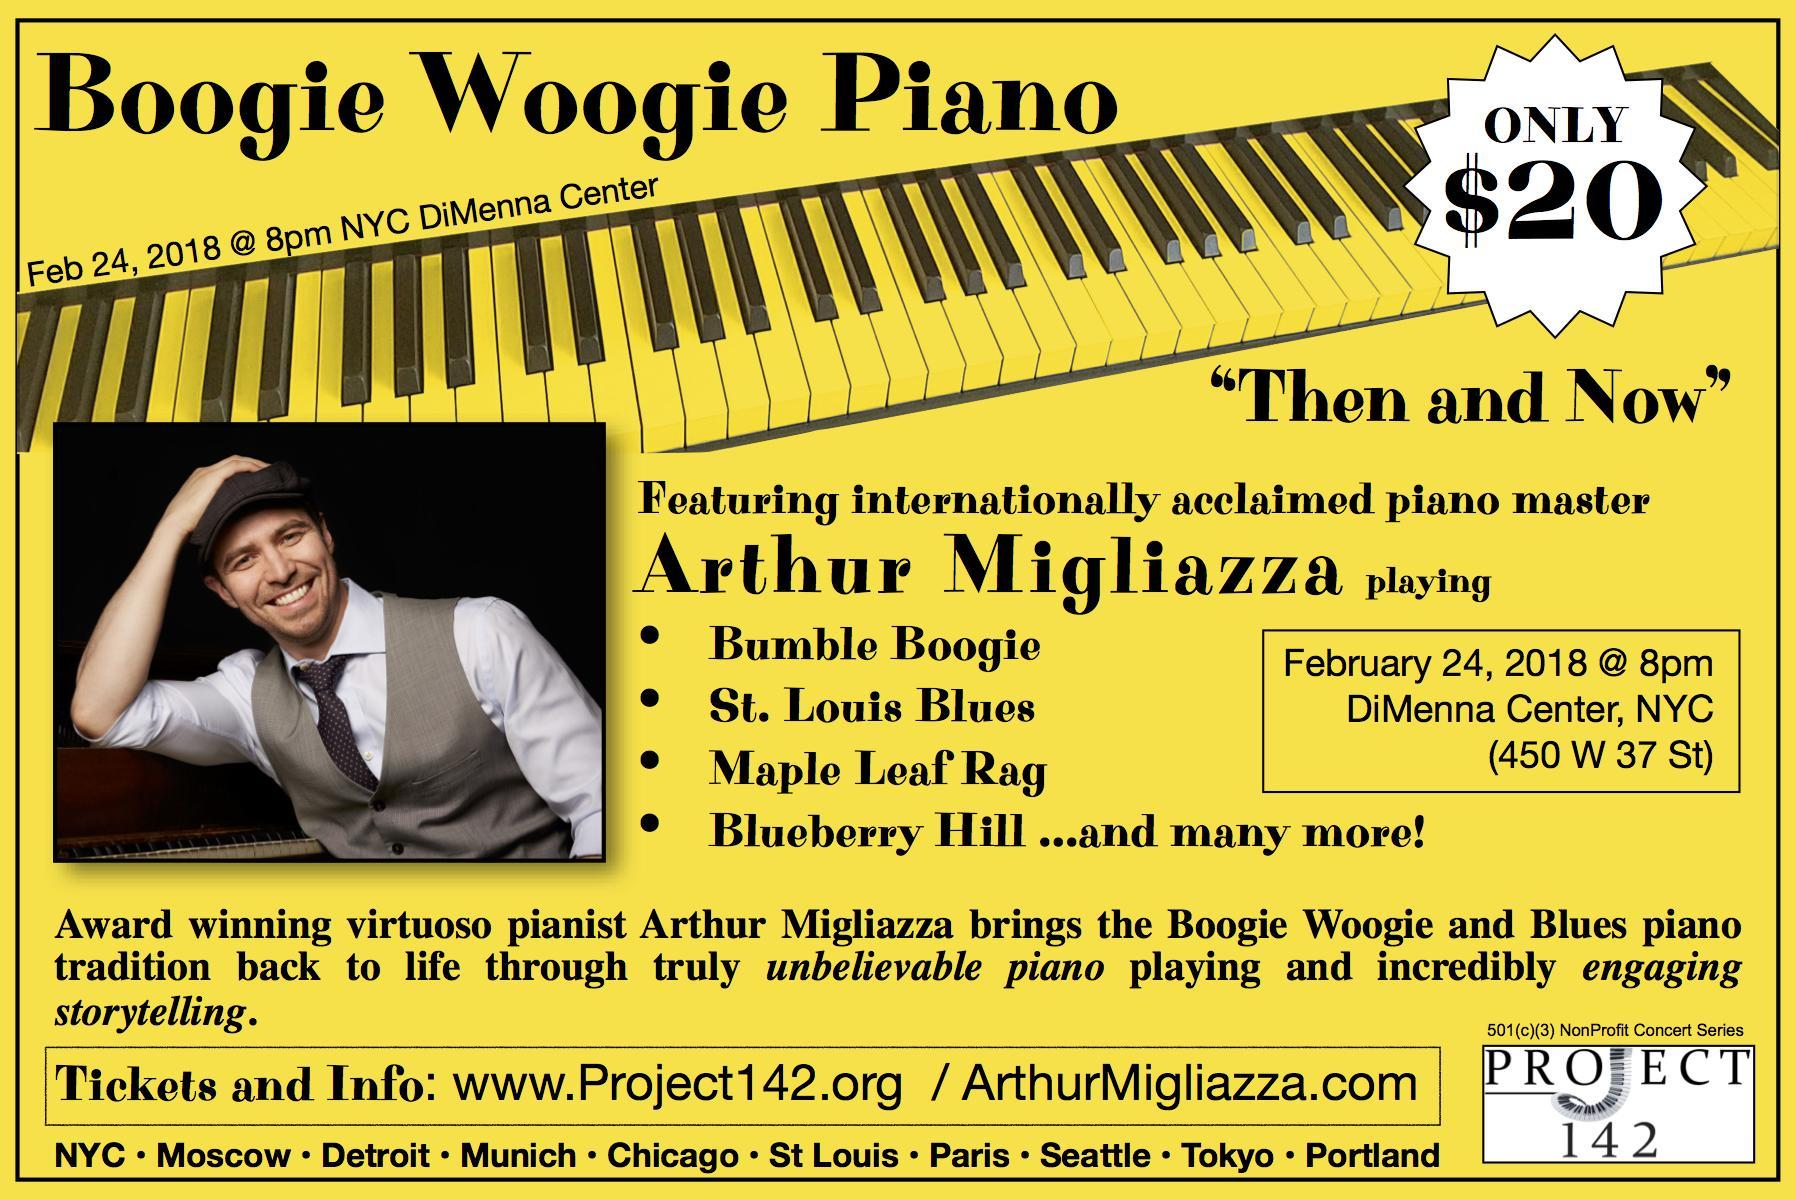 Boogie Woogie Concert in New York City